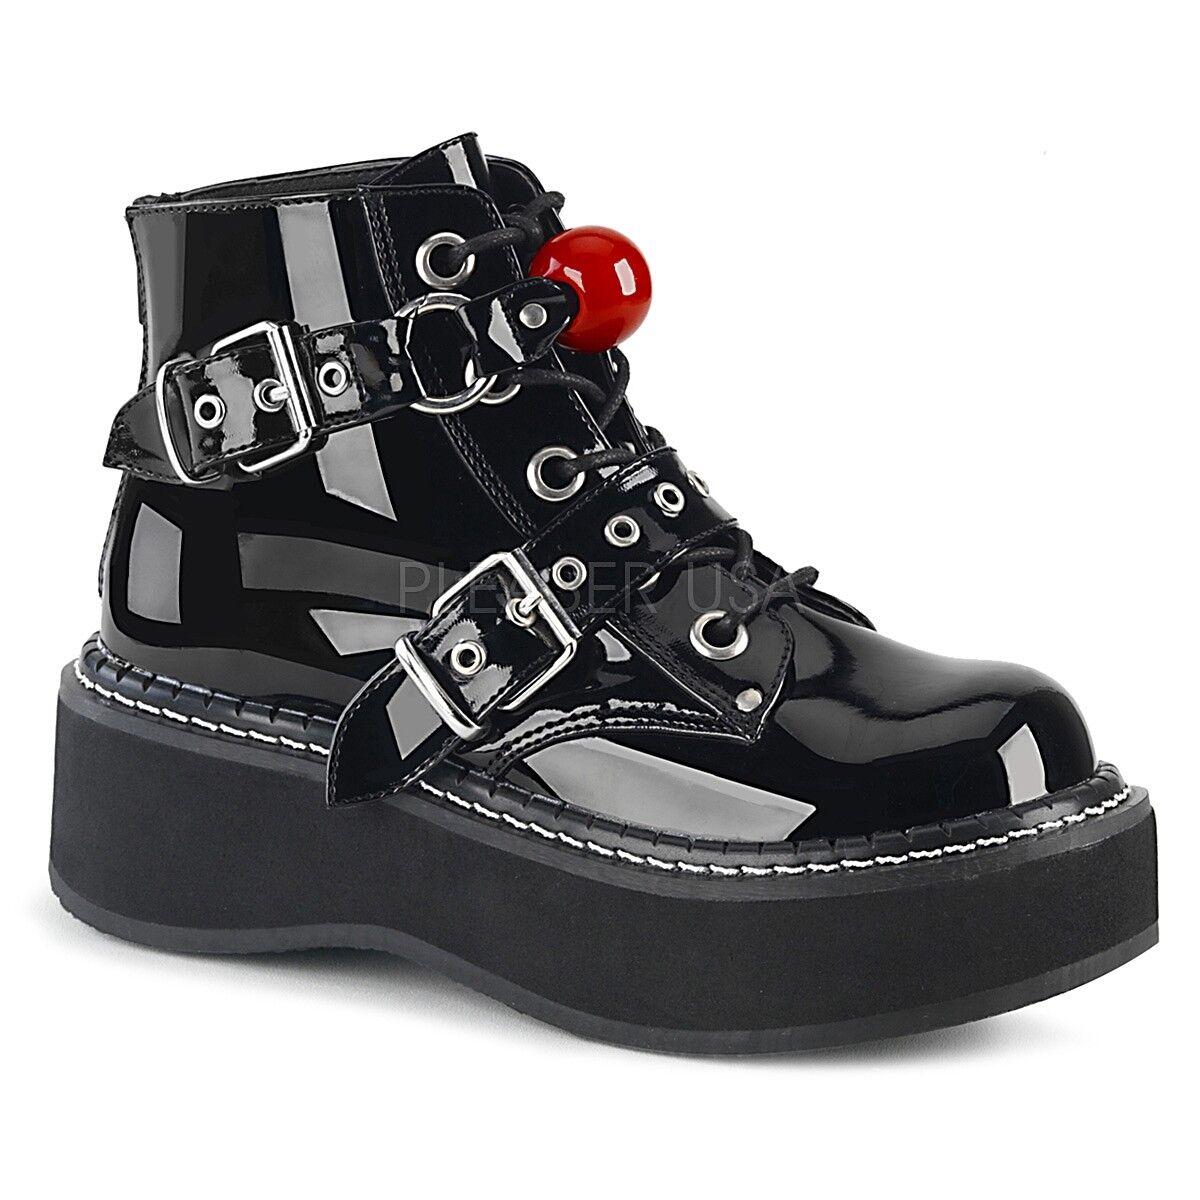 Demonia 2 2 2  Plataforma botas al Tobillo Bondage Gag Emily Negro 6 7 8 9 10 11 12  venta con descuento